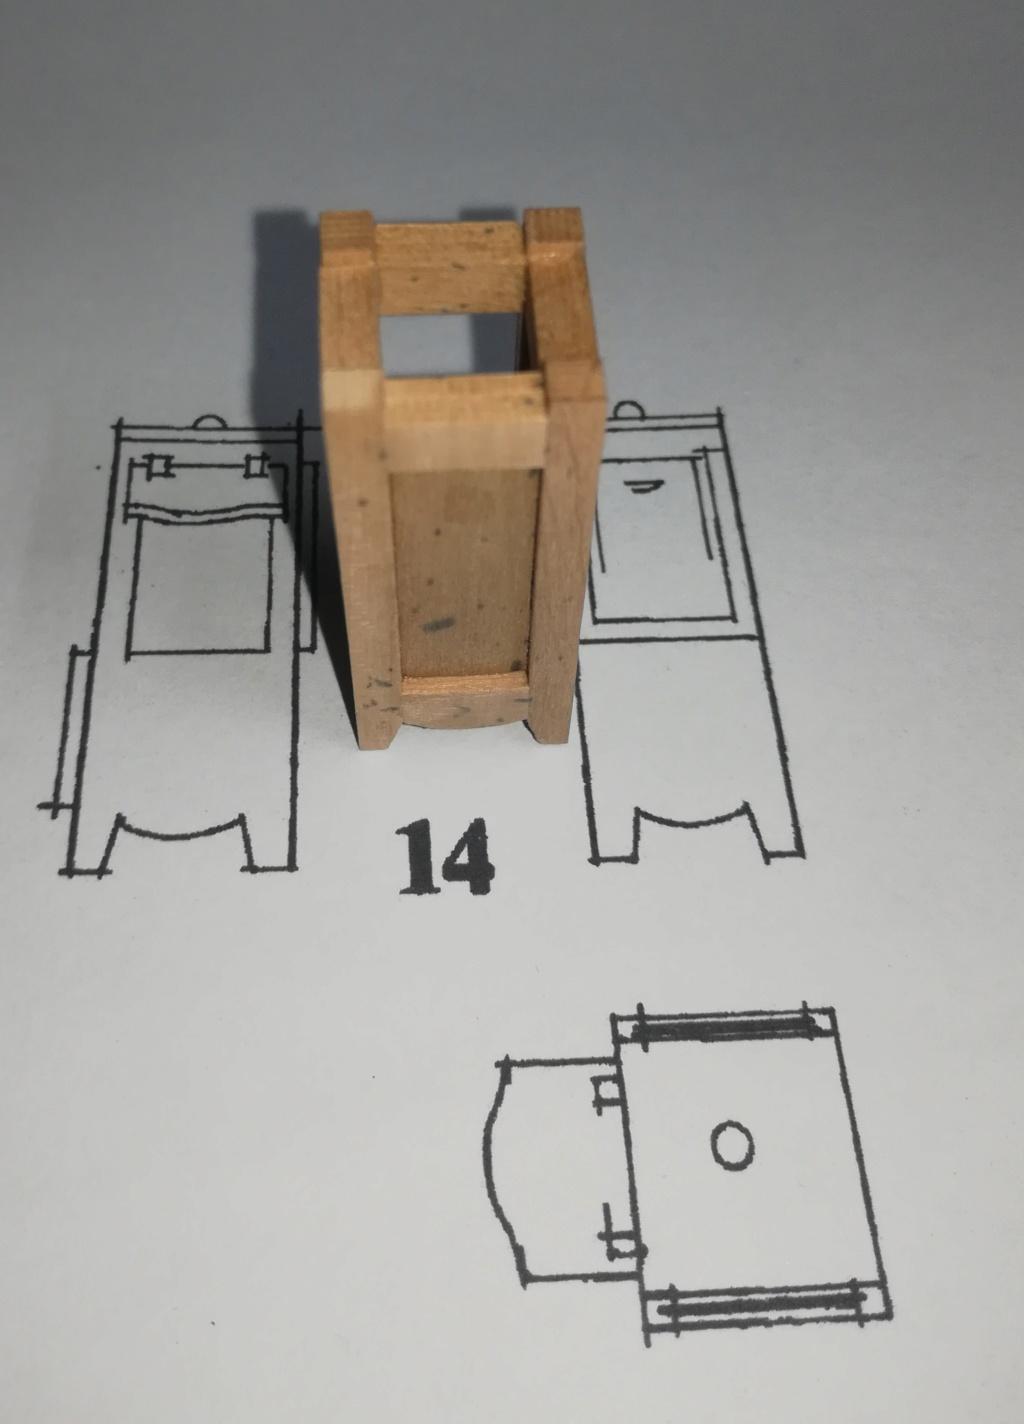 piani - La Belle 1684 scala 1/24  piani ANCRE cantiere di grisuzone  - Pagina 9 Rimg_288